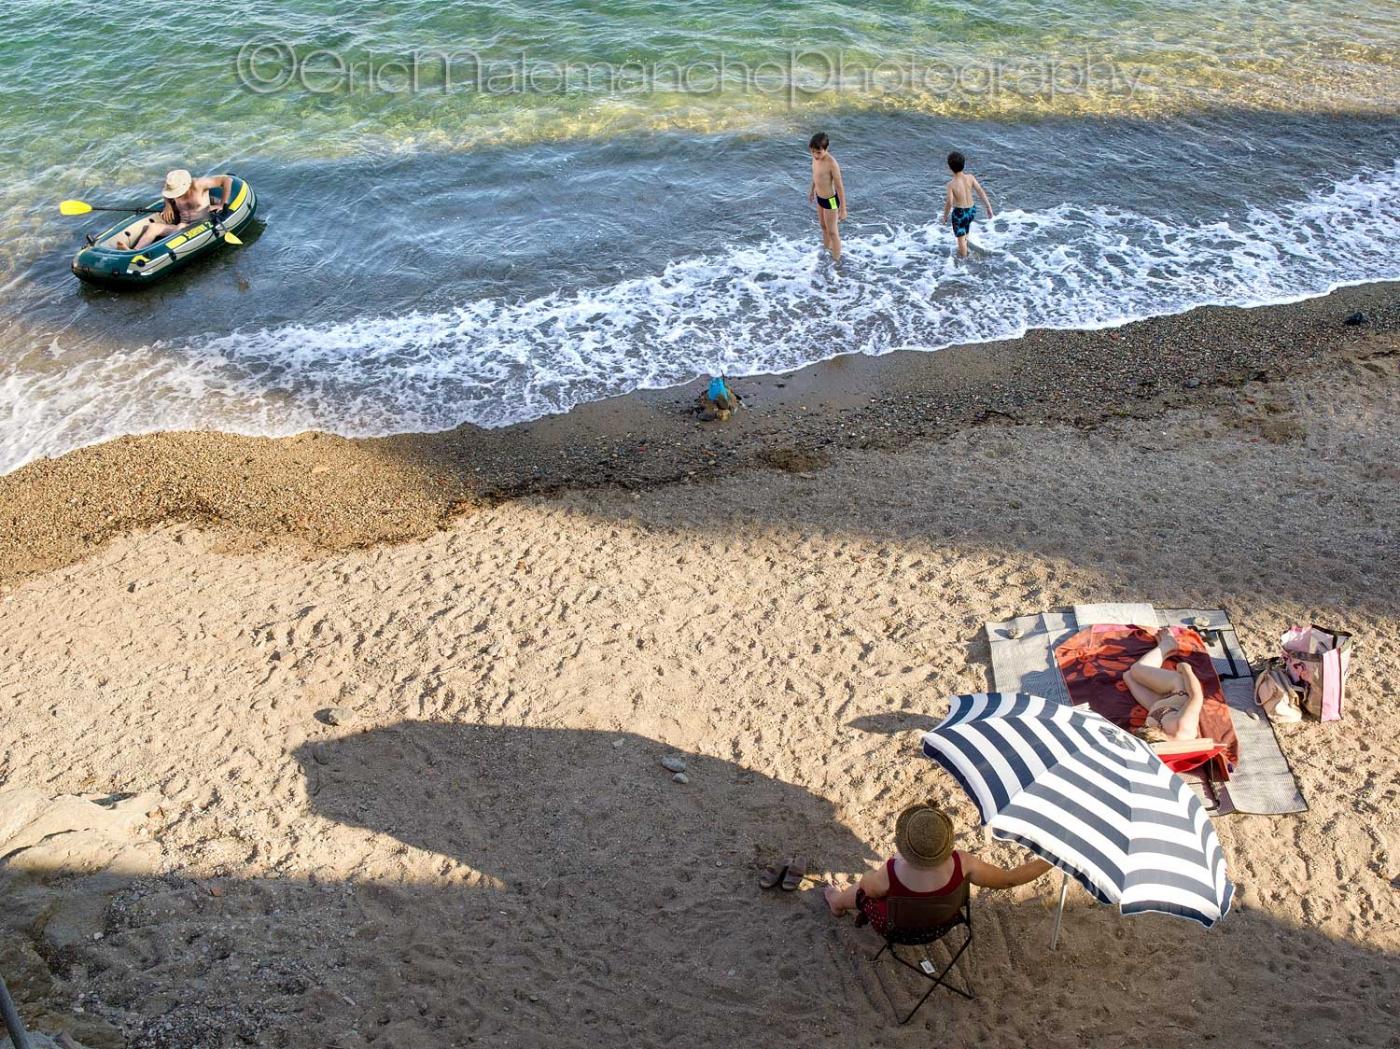 https://www.ericmalemanche.com/imagess/topics/les-conges/liste/vacances-plage.jpg